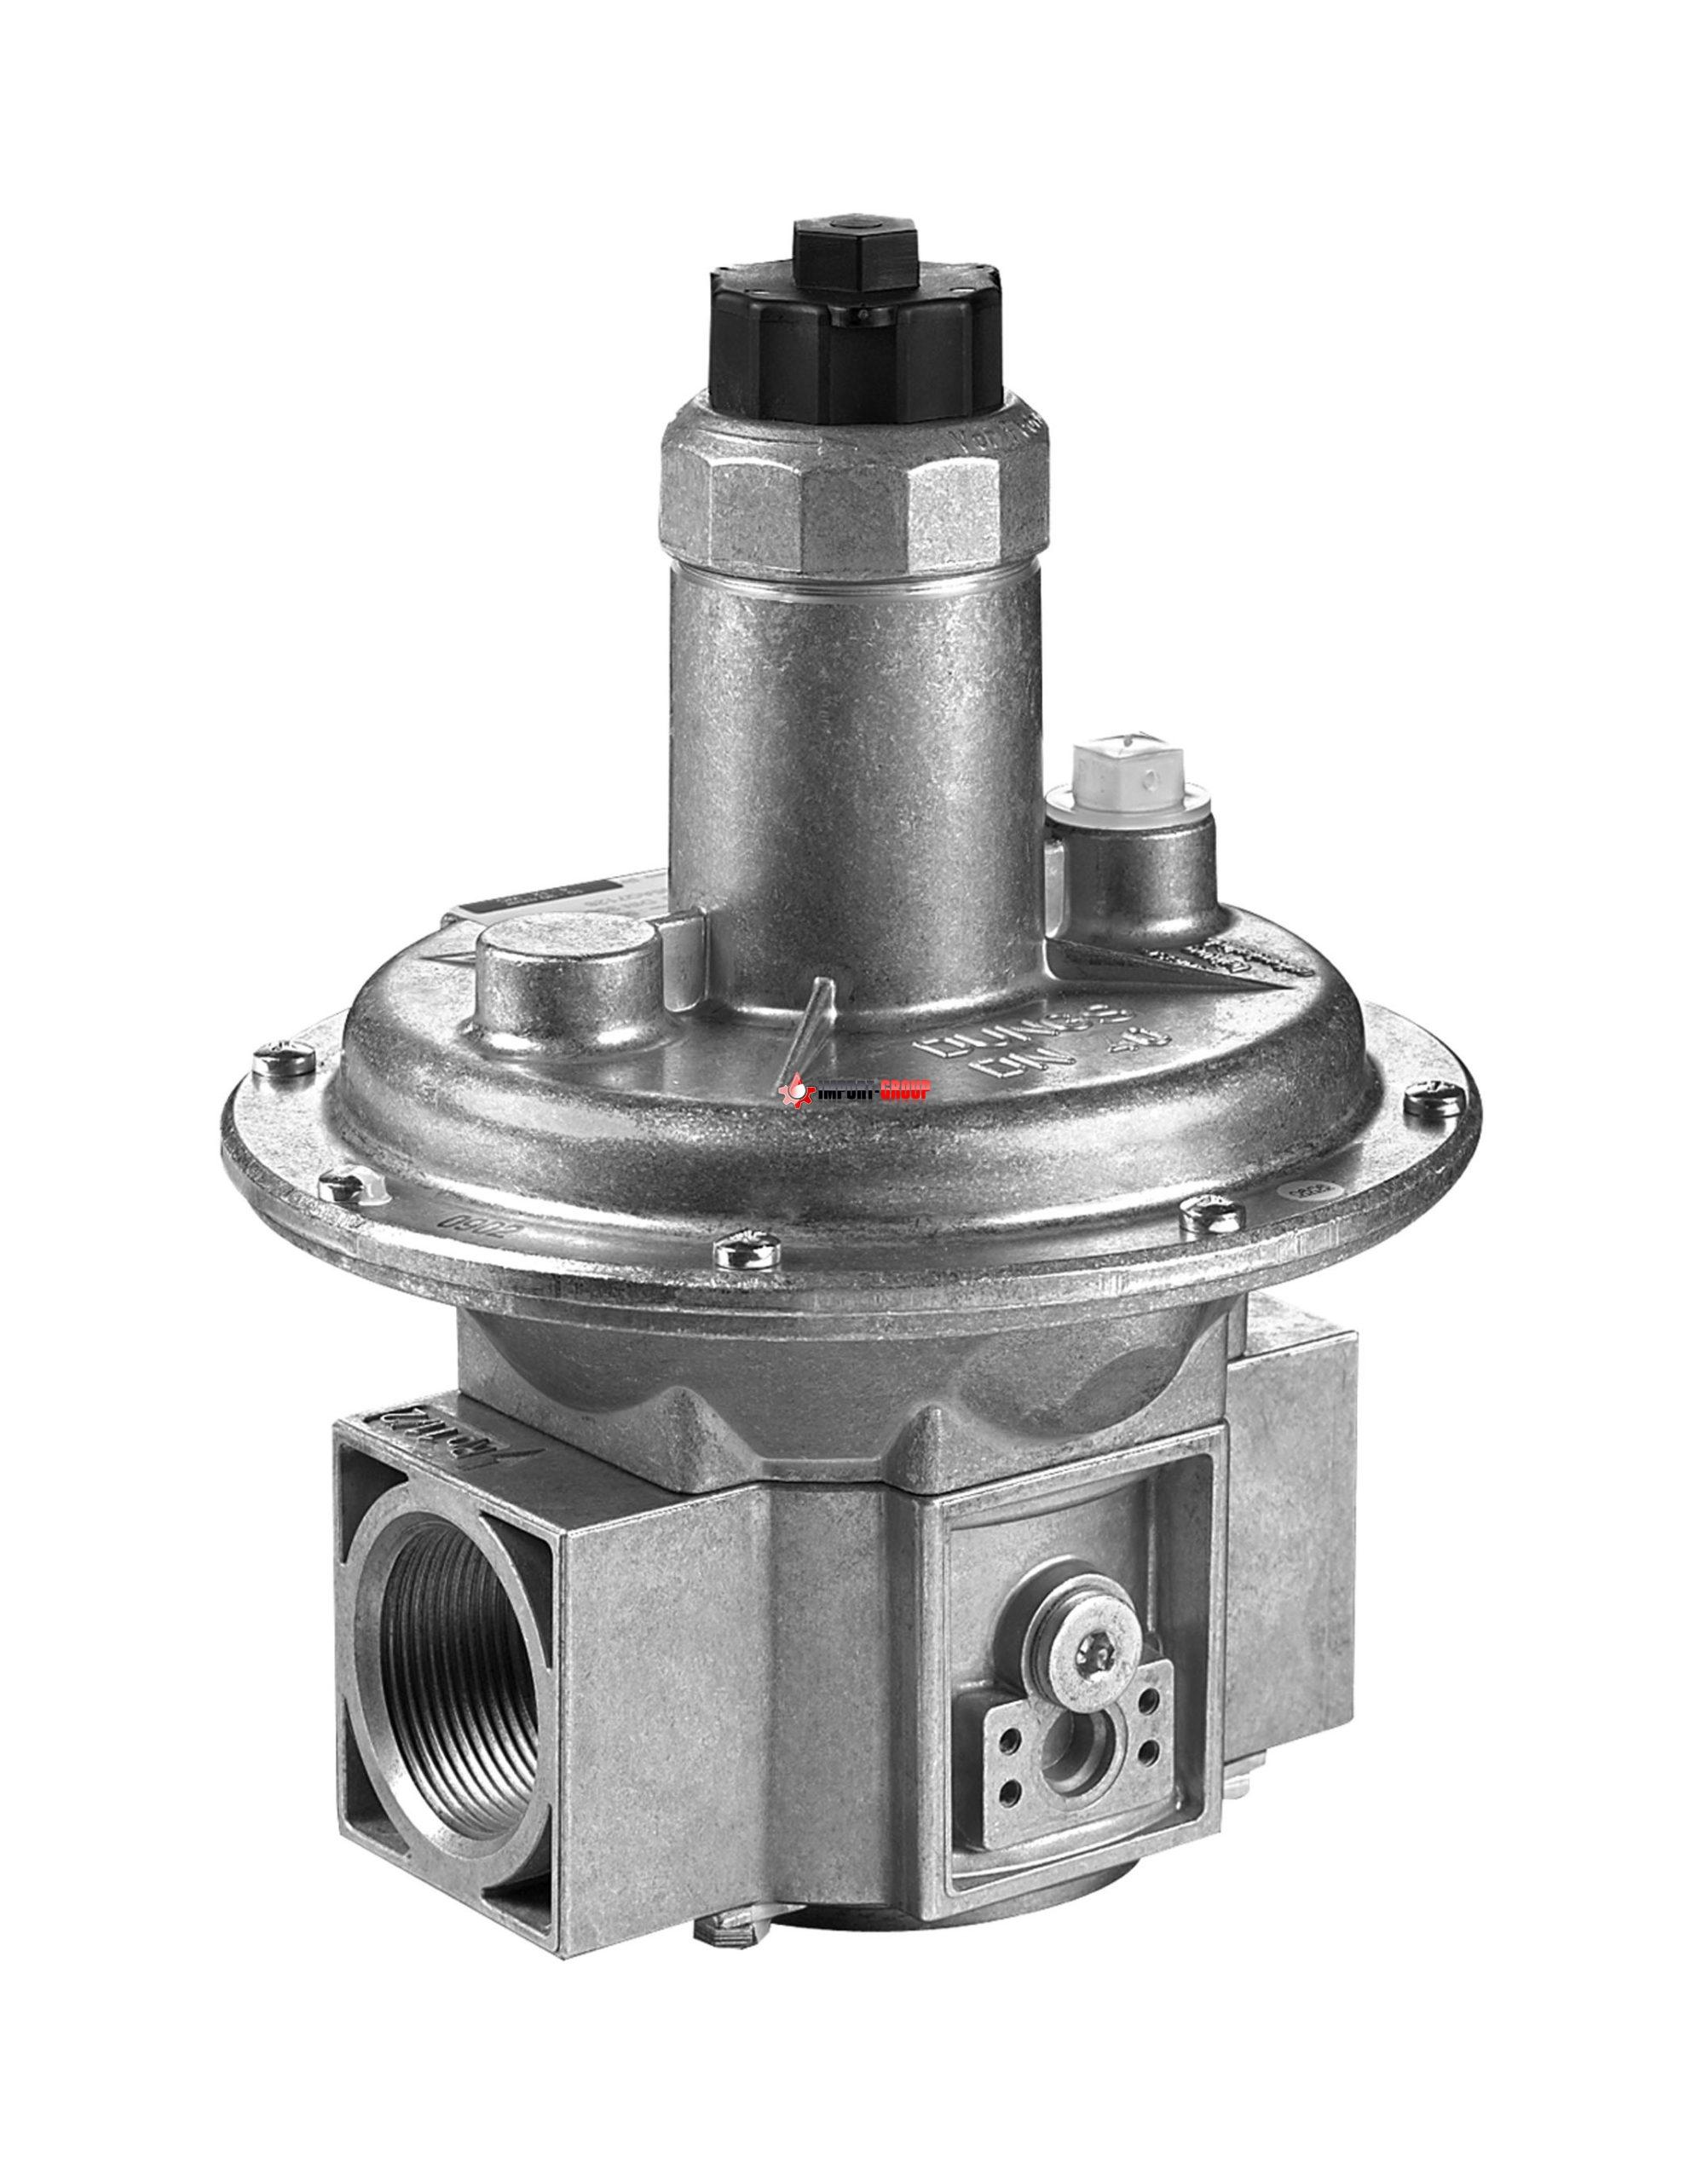 Регулятор давления газа FRS 520 RP 2 с пружиной